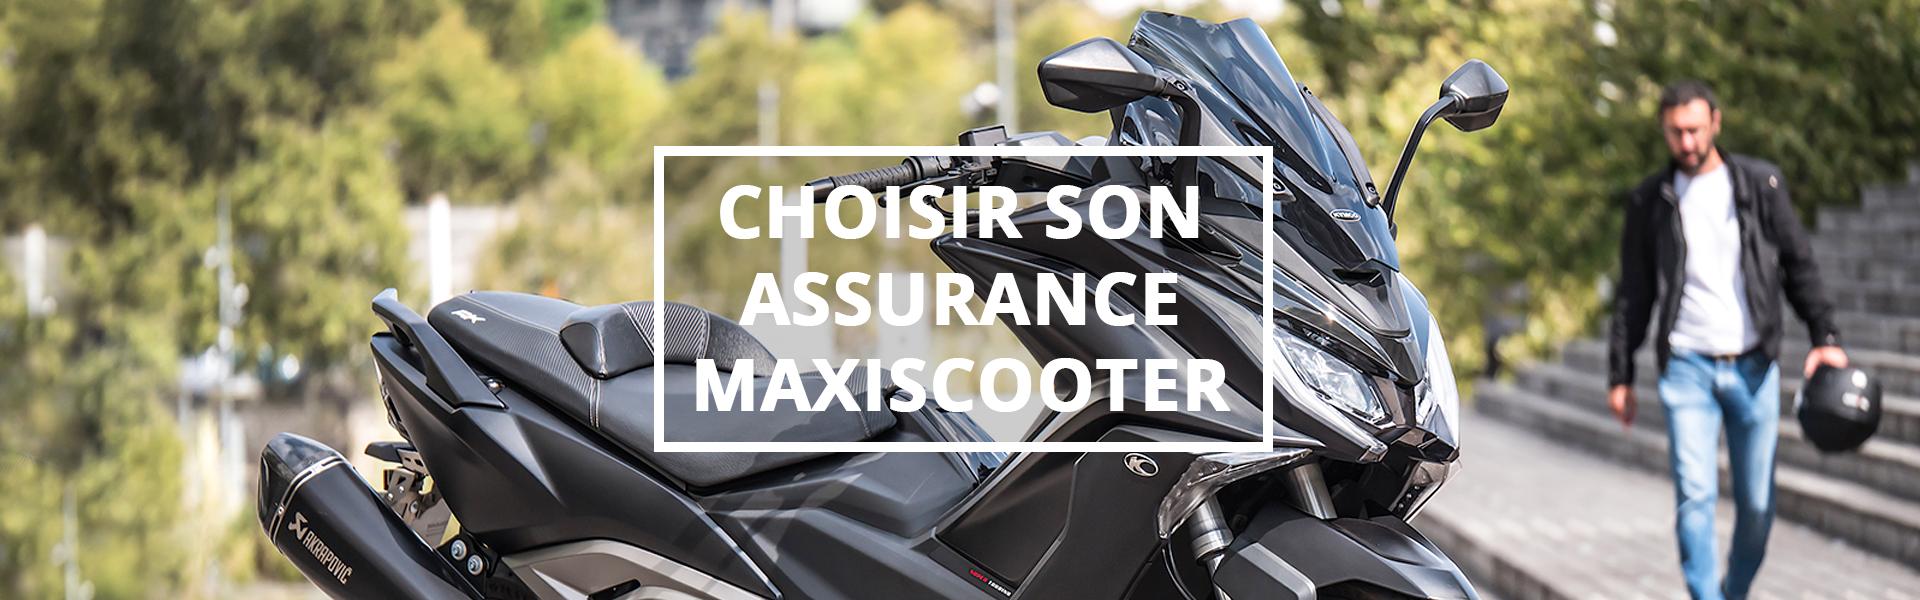 choisir-assurance-maxiscooter